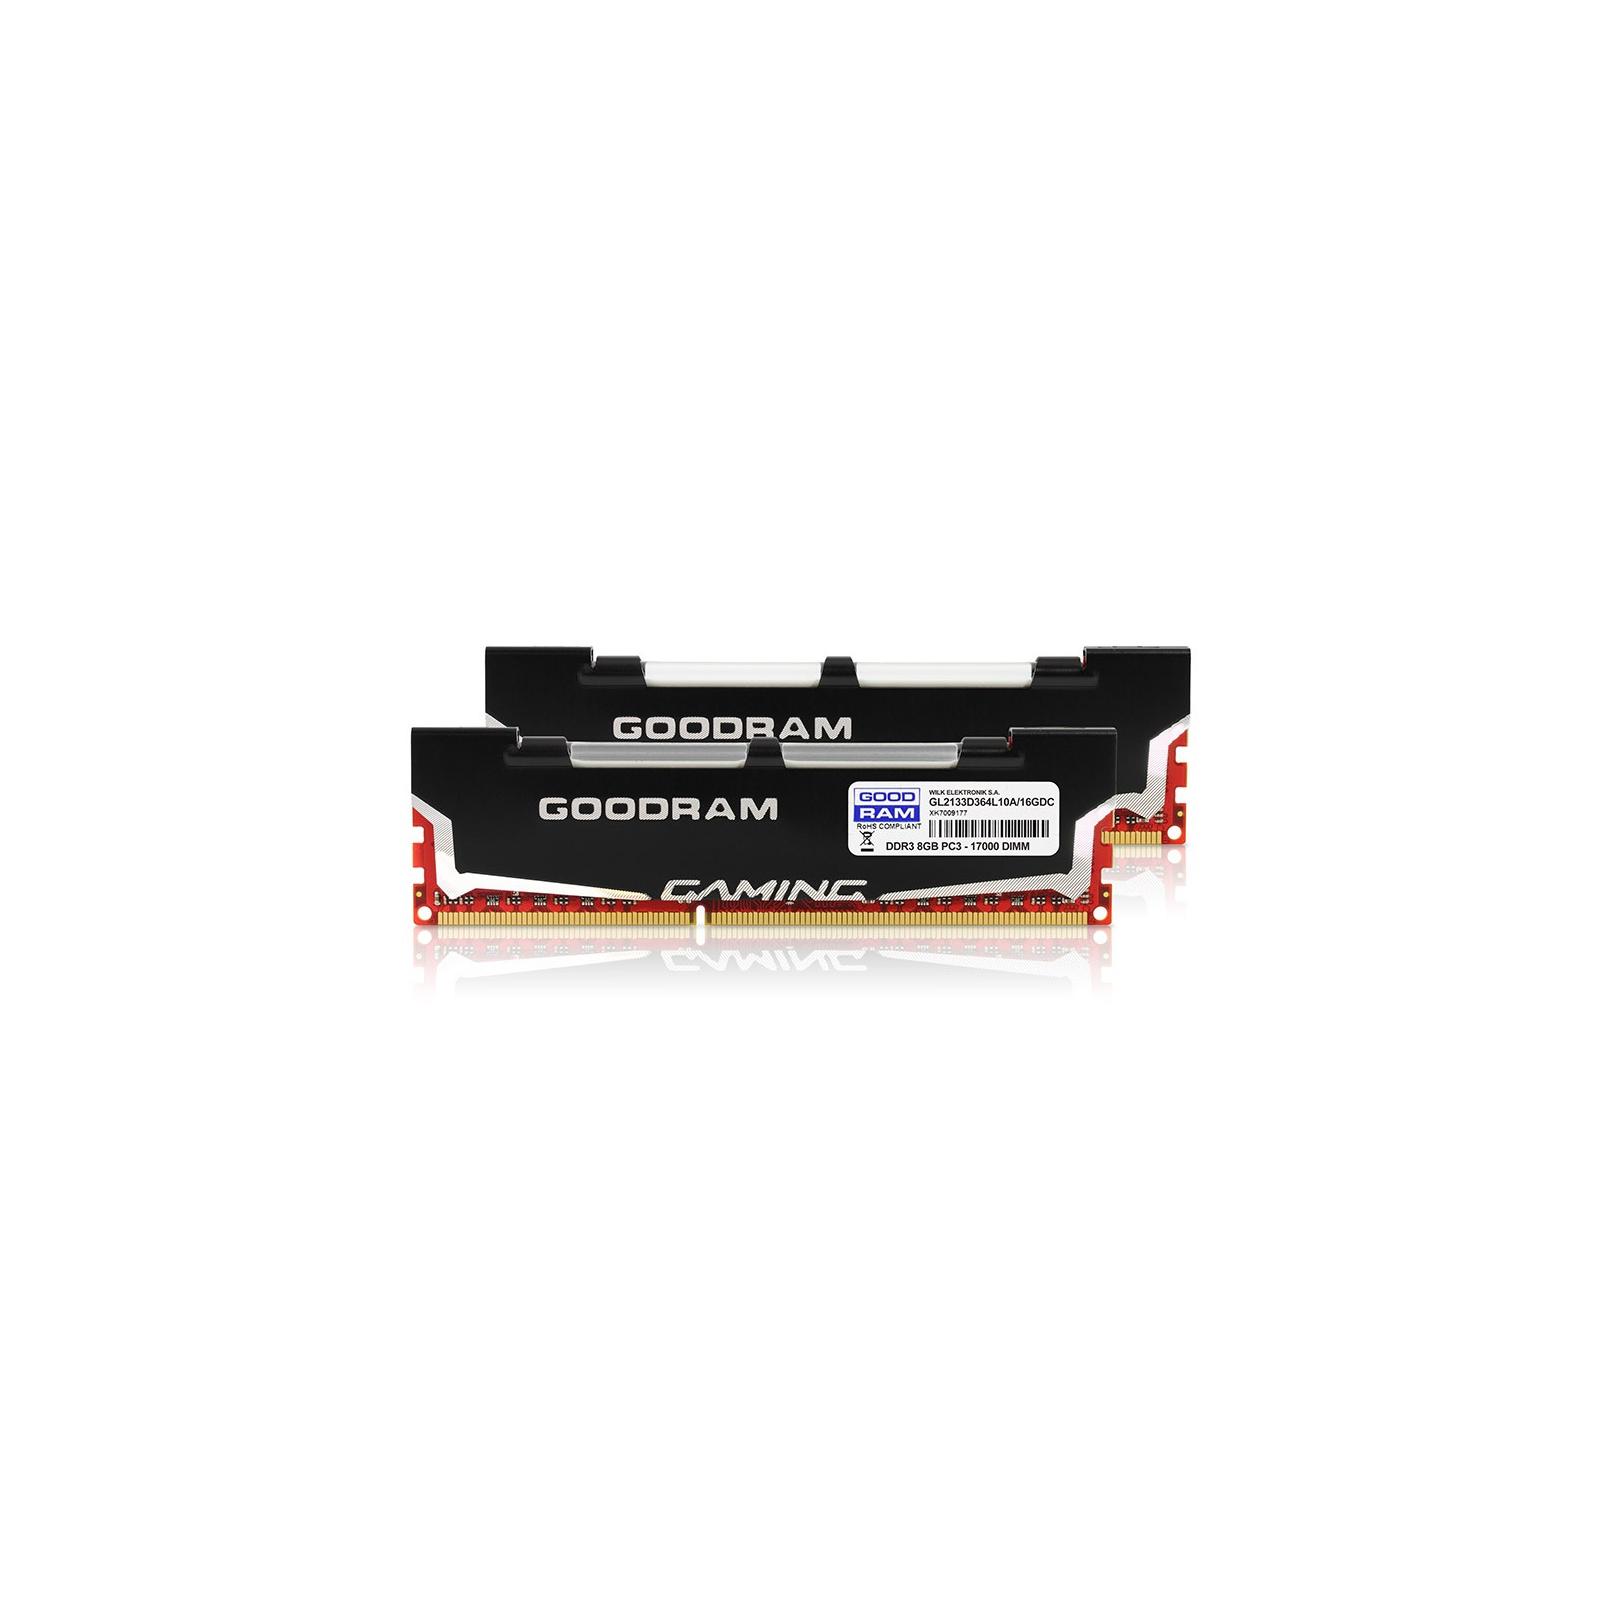 Модуль памяти для компьютера DDR3 16Gb (2x8GB) 2133 MHz Led Gaming GOODRAM (GL2133D364L10A/16GDC) изображение 3